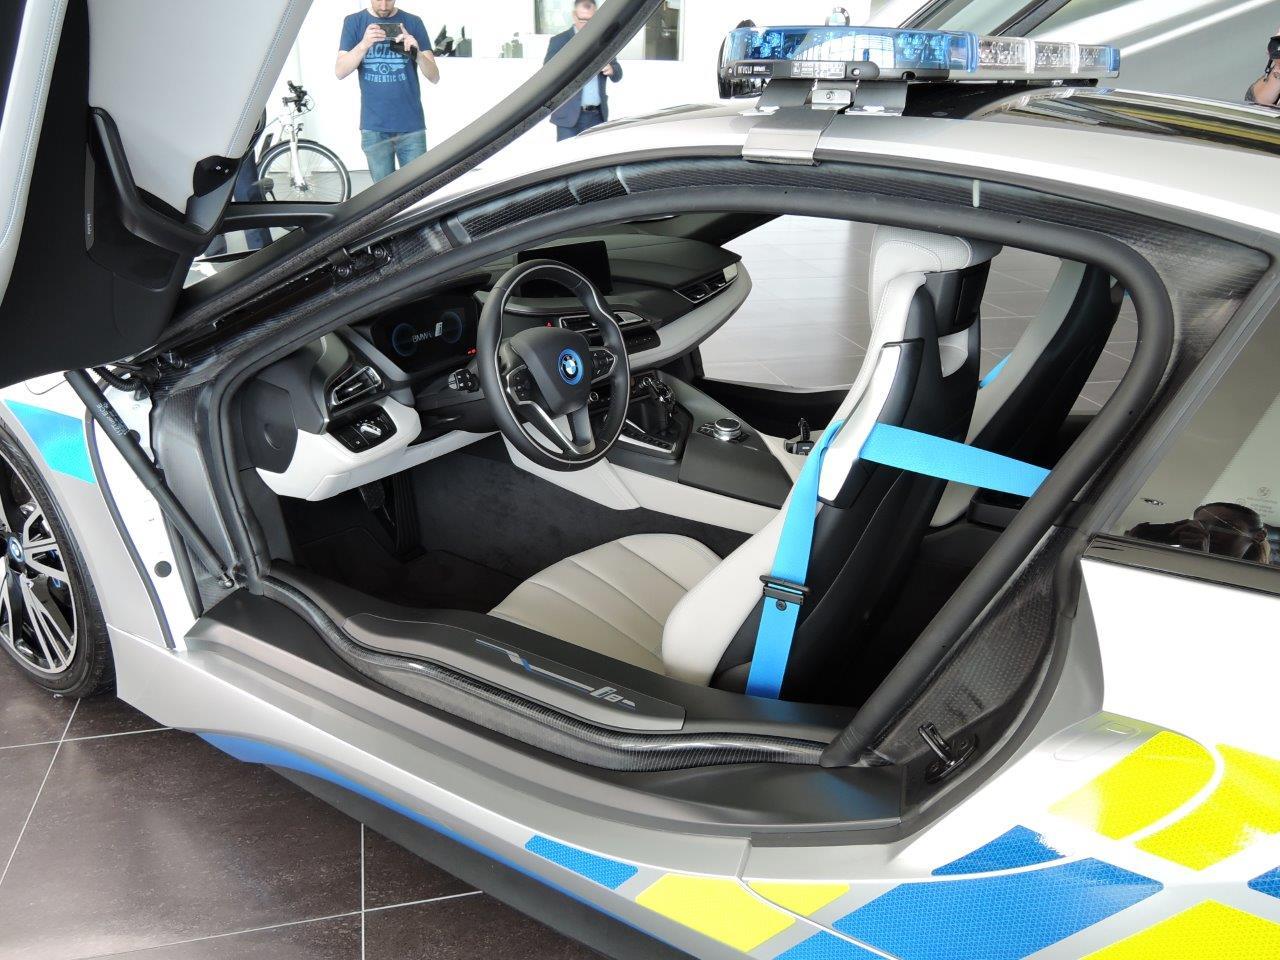 BMW-i8-Police-Car-3